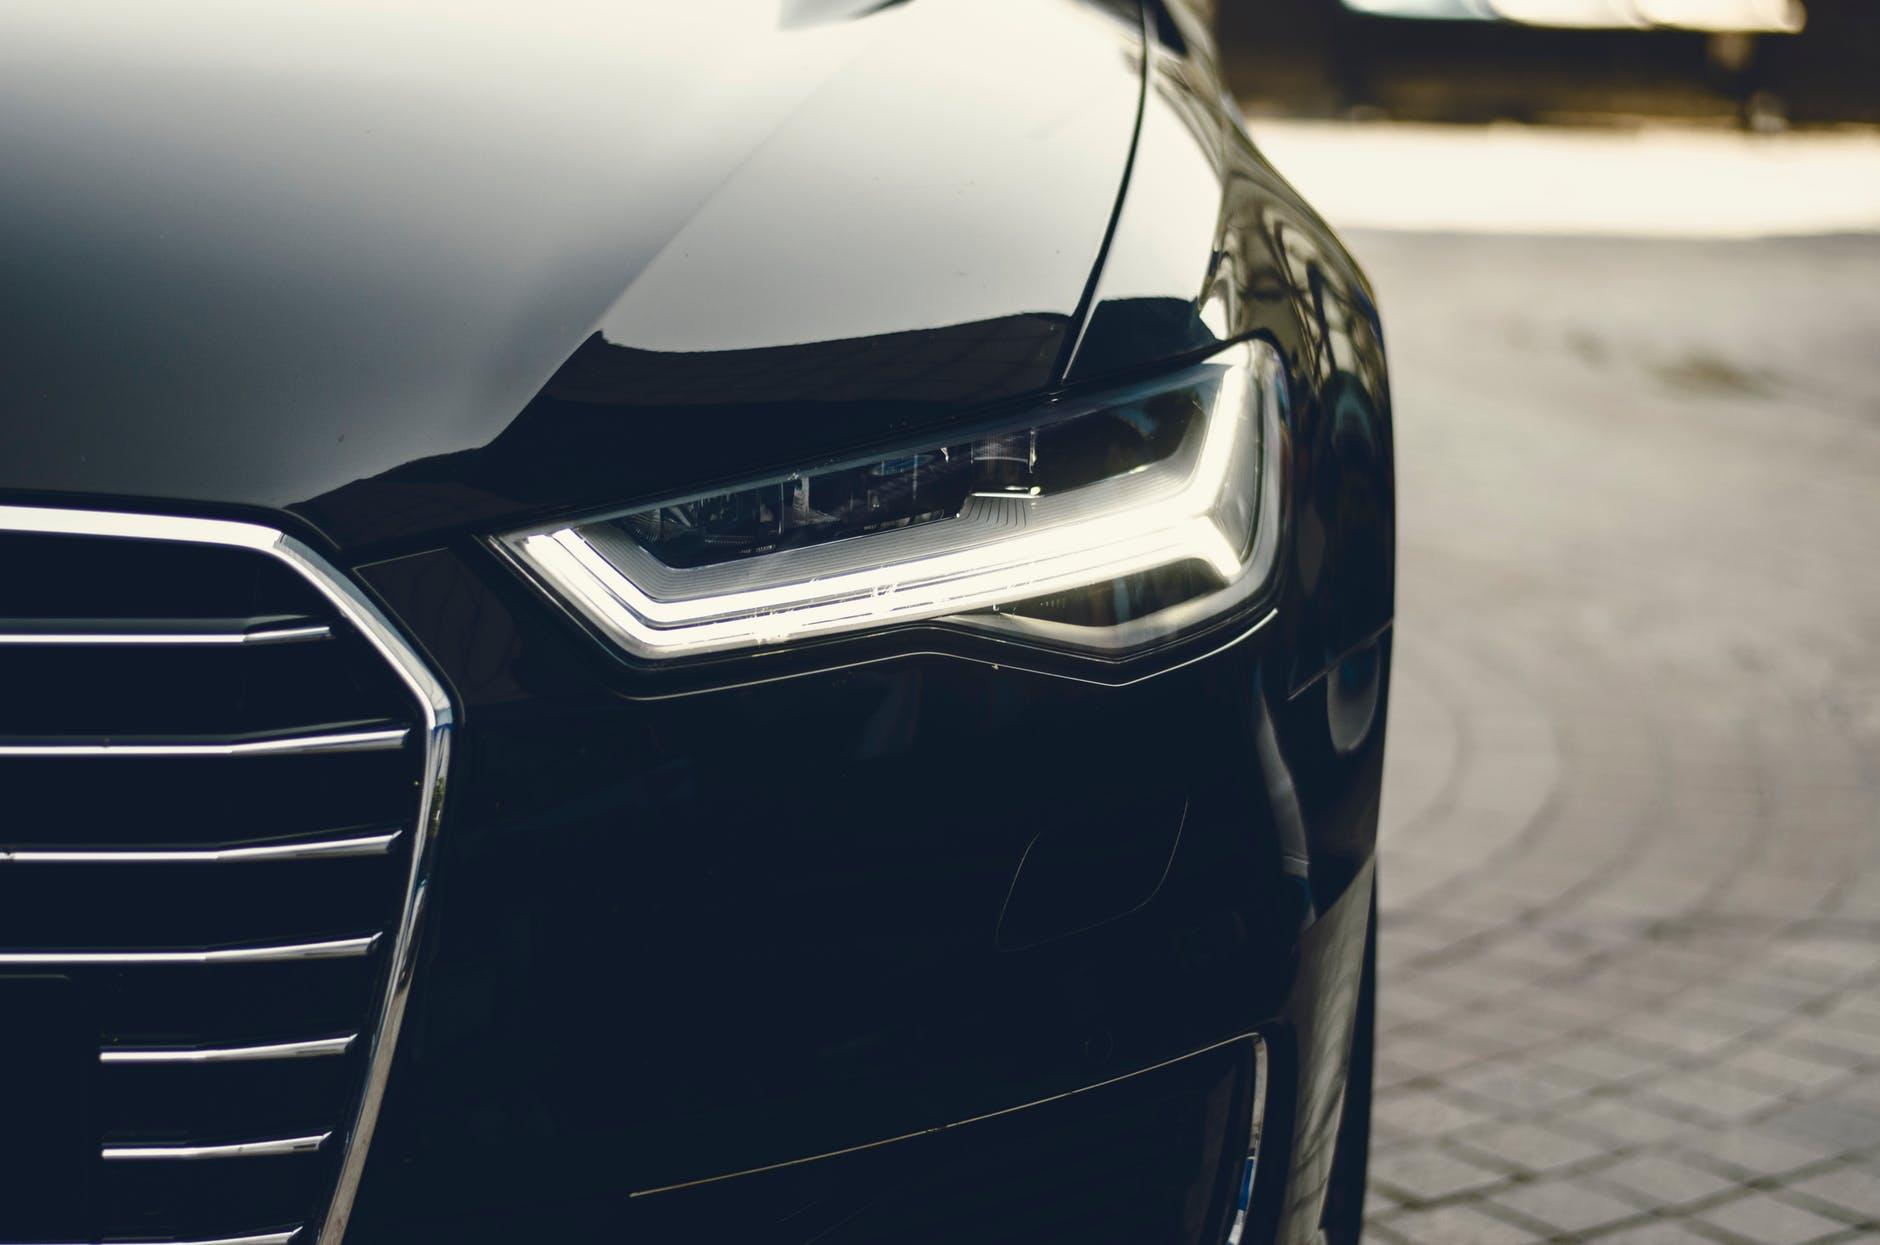 voordelen tweedehands auto kopen occassion